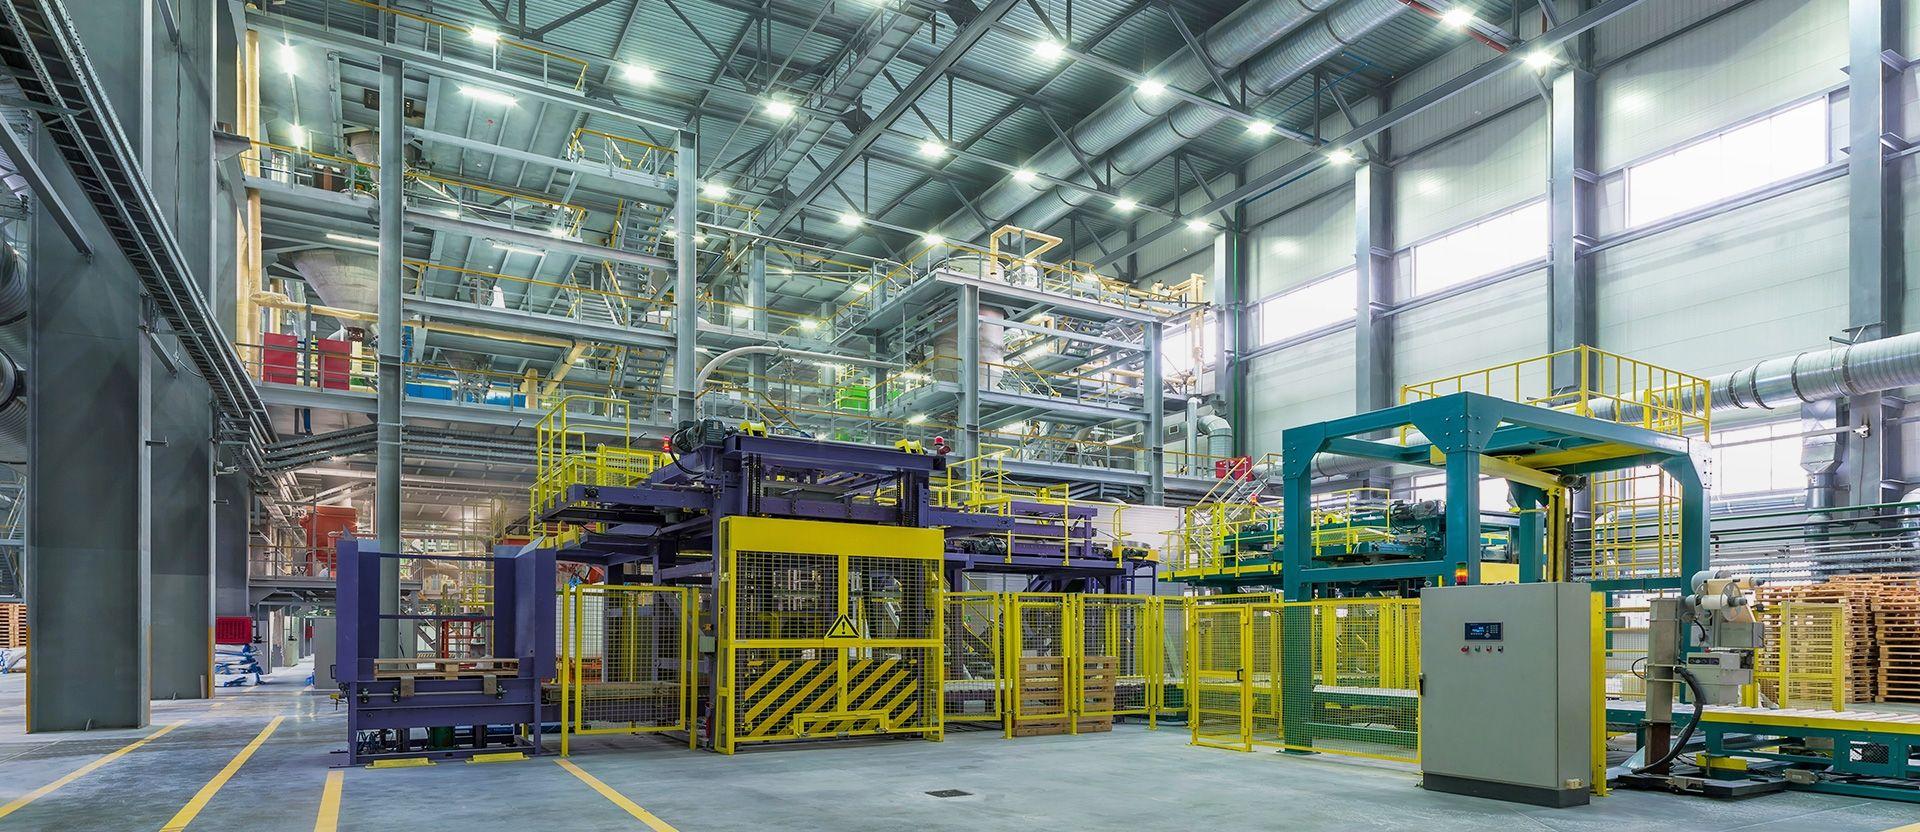 Oświetlenie obiektów przemysłowych